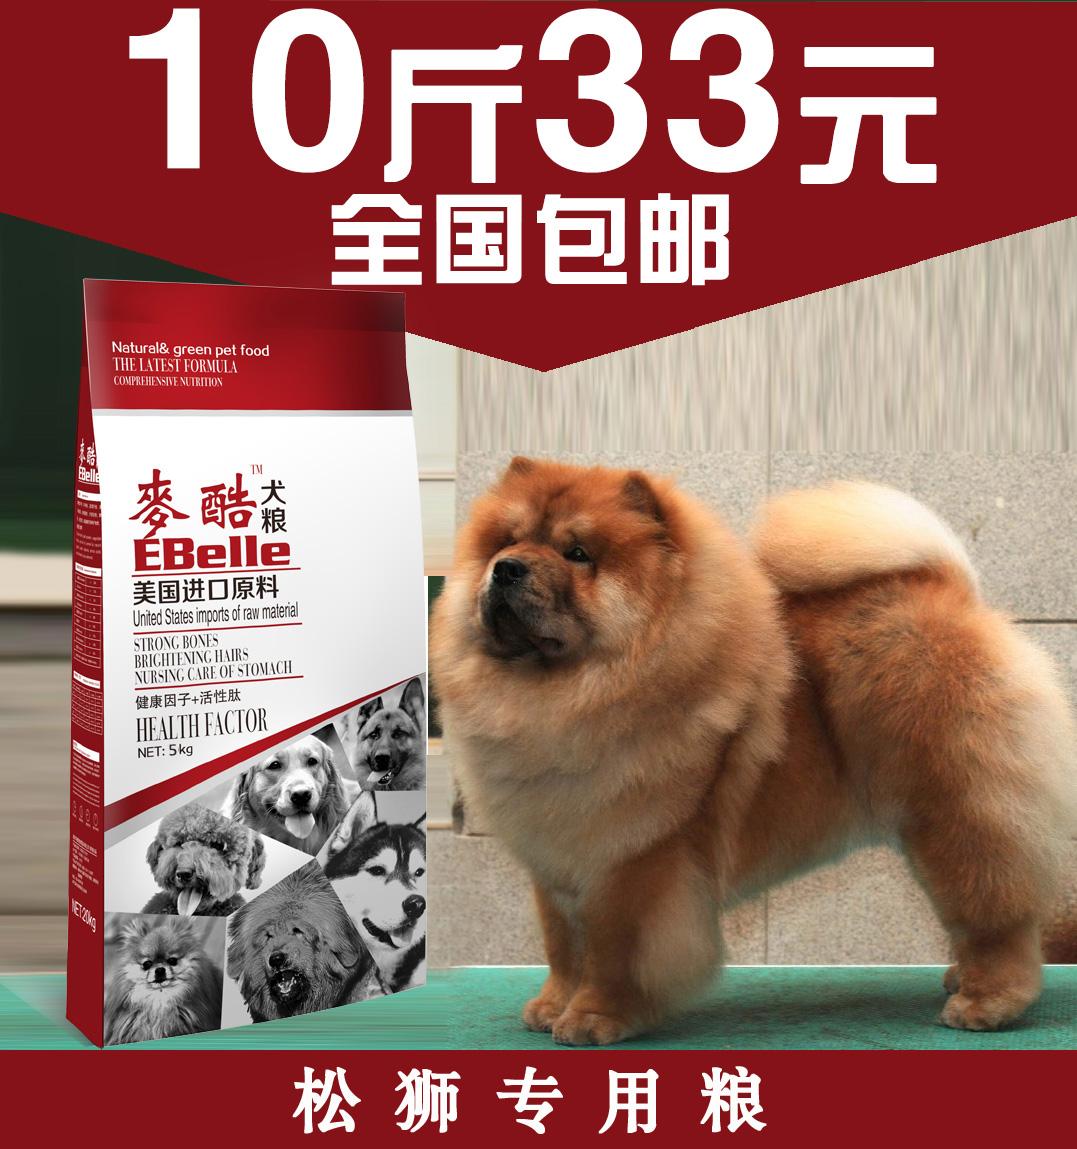 Thức ăn cho chó Chow Chow thực phẩm đặc biệt 5 kg10 kg con chó con chó trưởng thành thức ăn cho chó pet dog tự nhiên staple thực phẩm